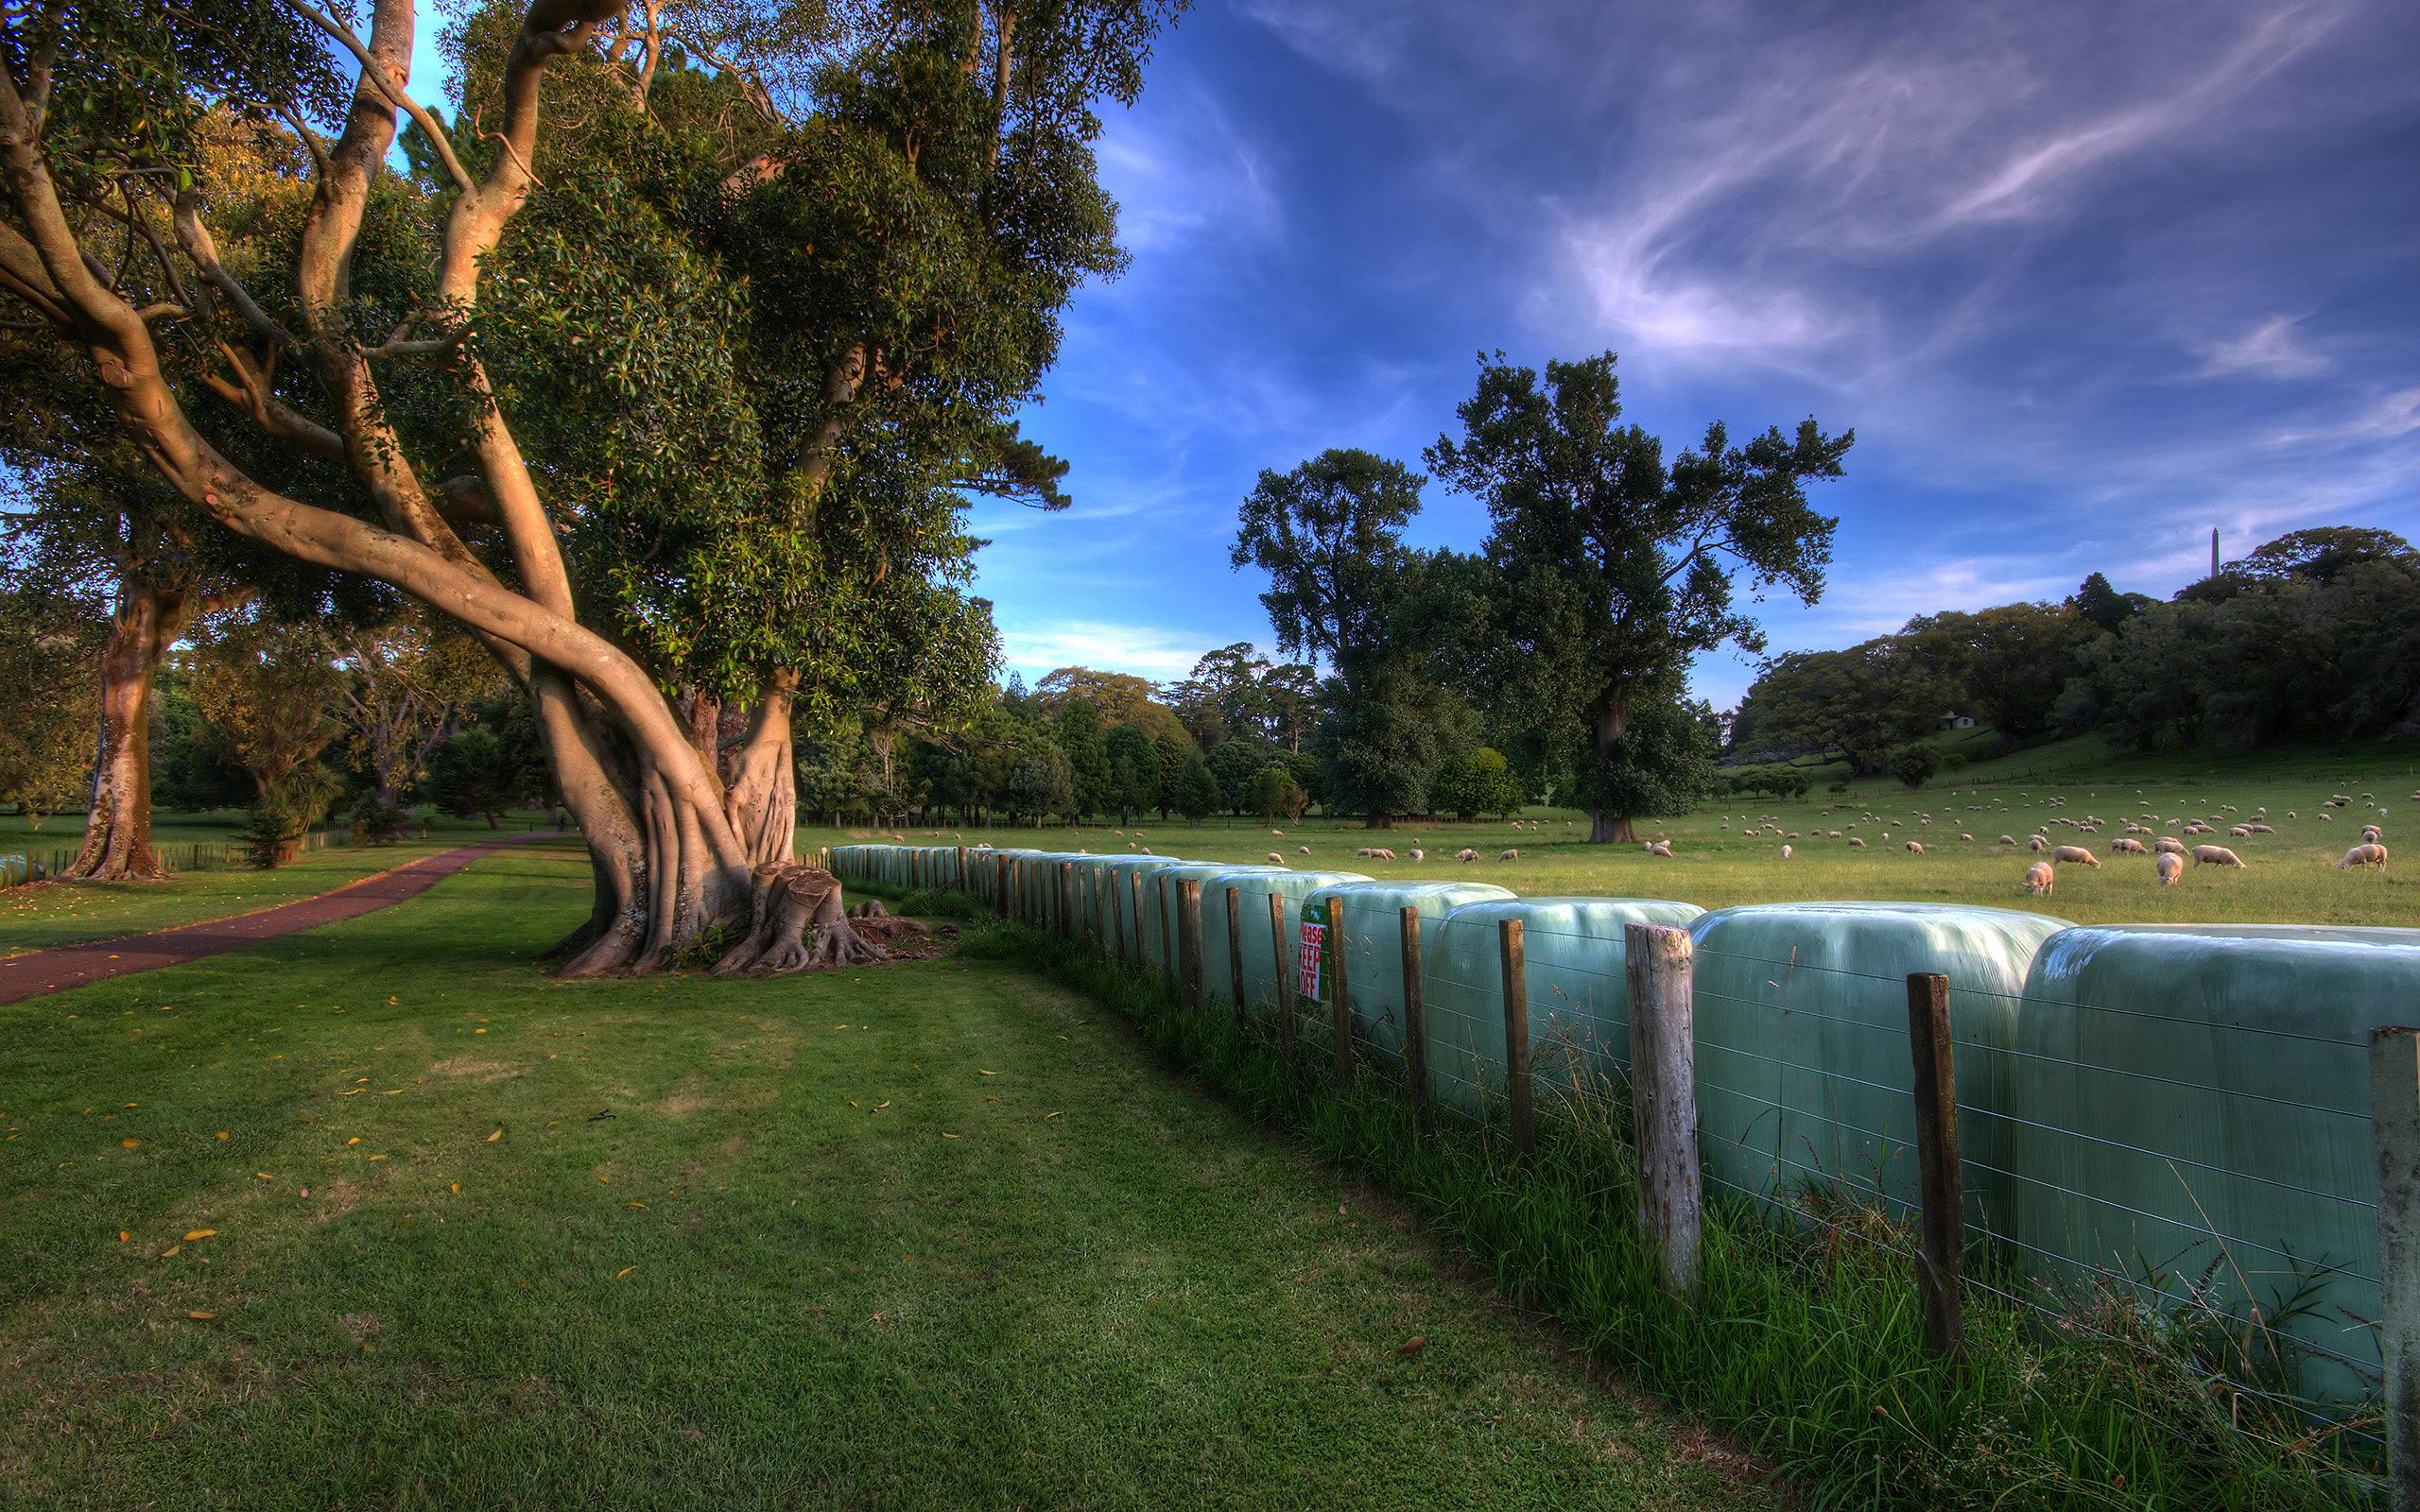 трава, деревья, ограда